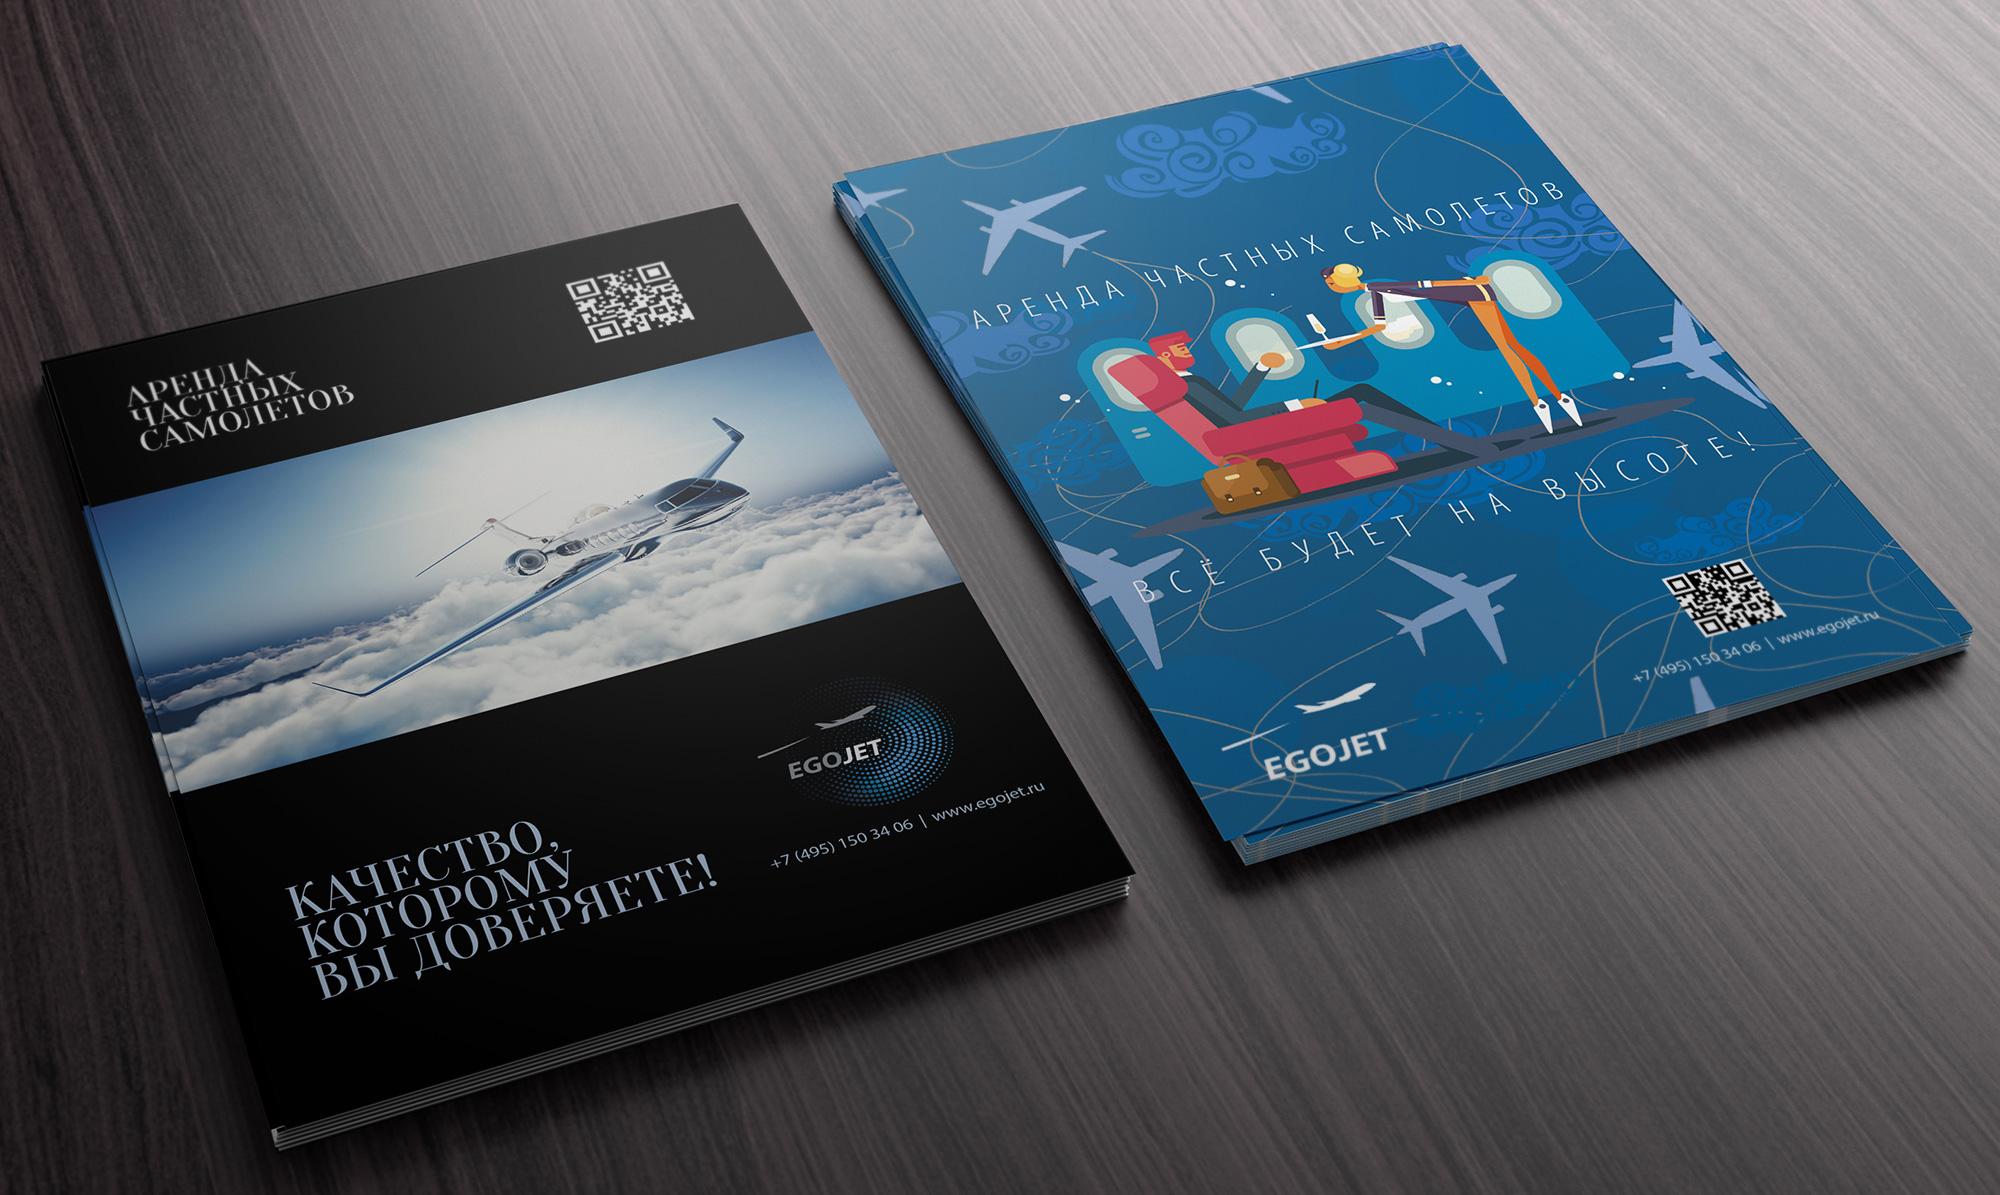 Рекламный модуль компании EgoJet